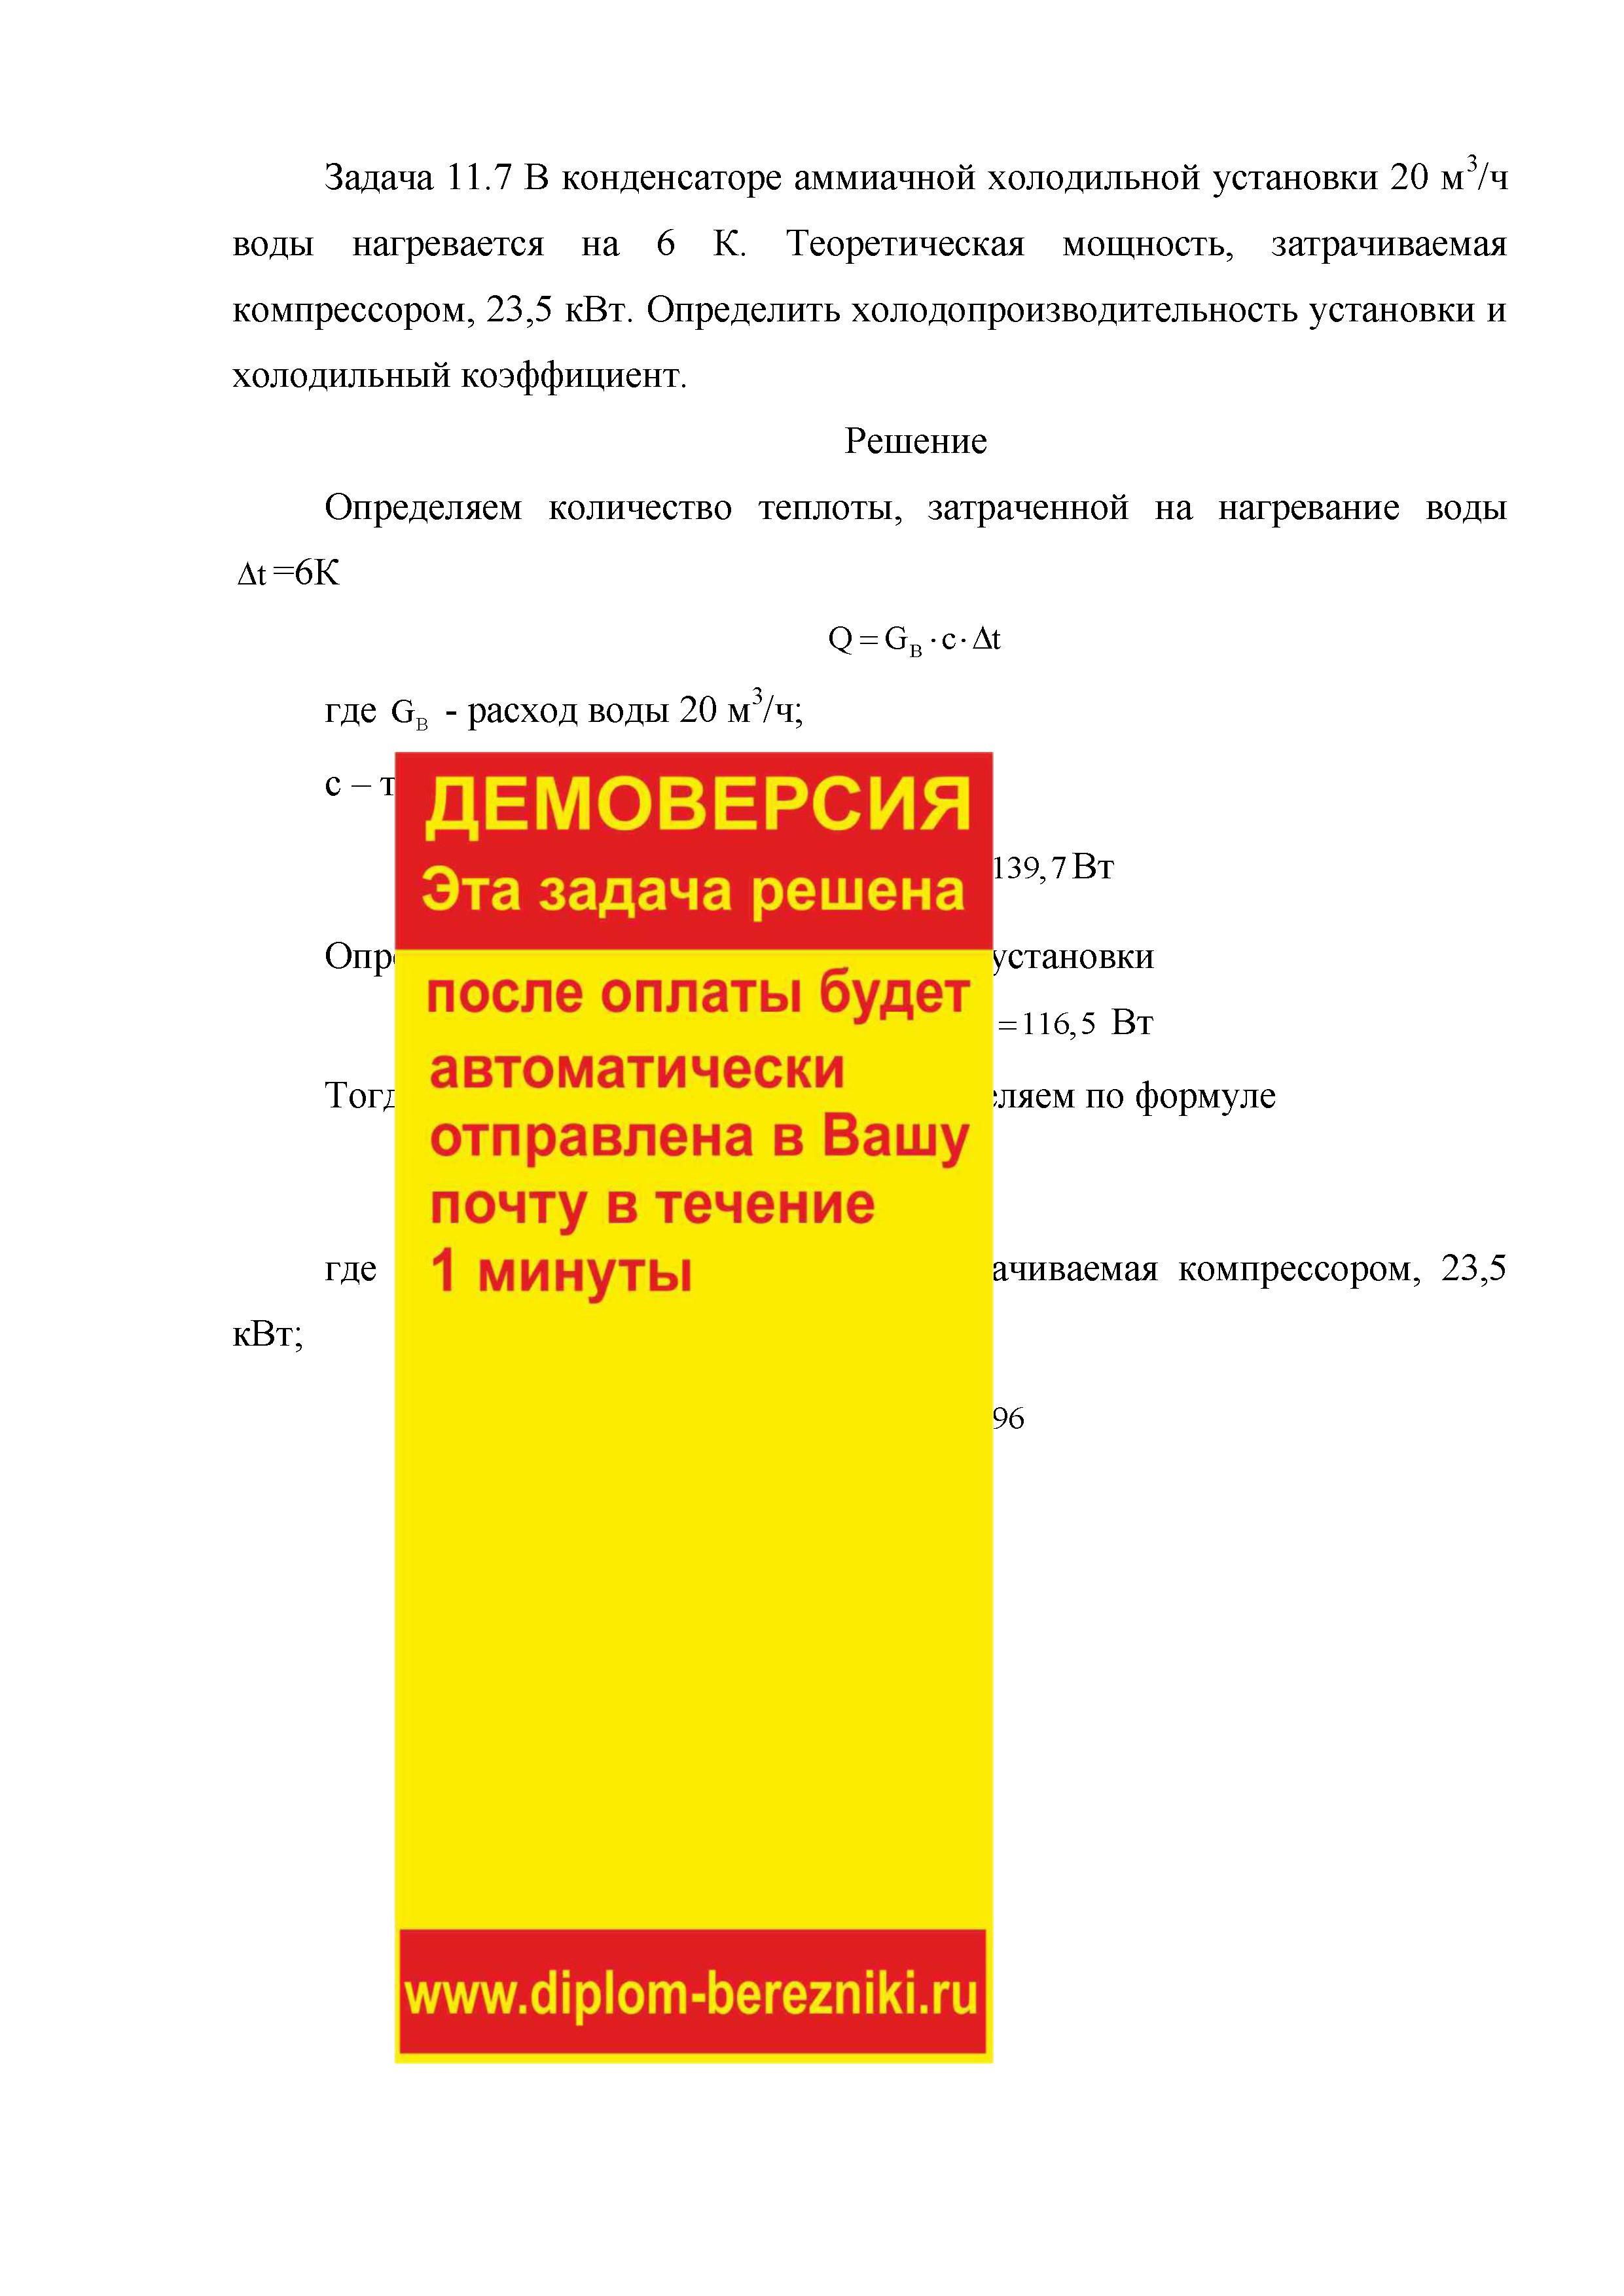 Решение задачи 11.7  по ПАХТ из задачника Павлова Романкова Носкова